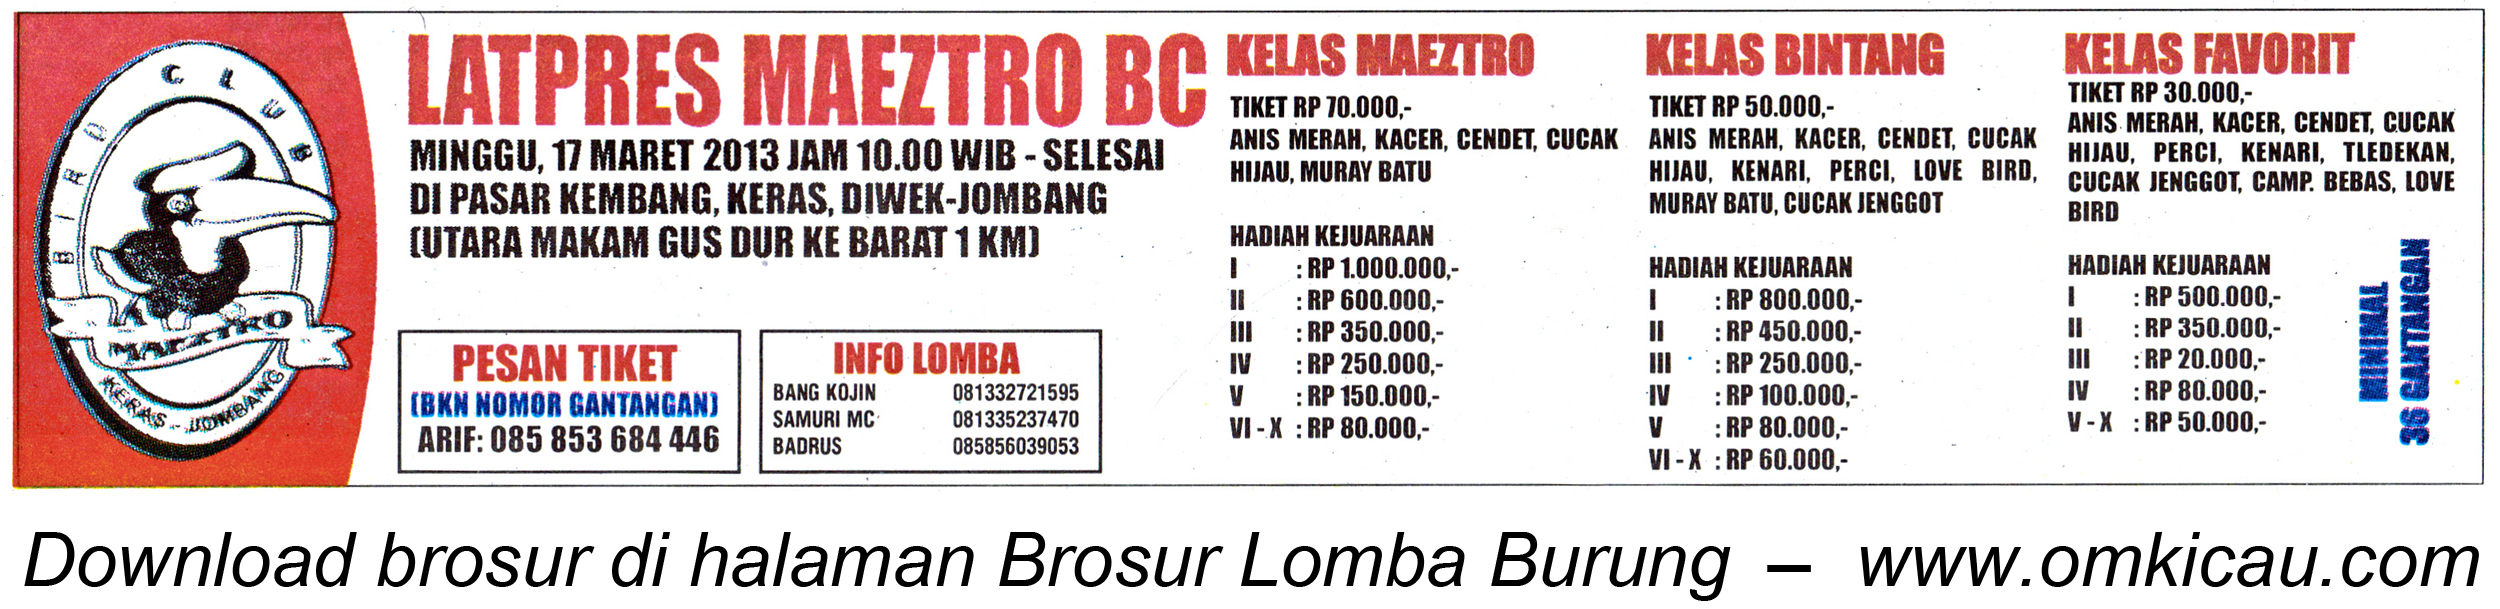 Brosur Latpres Maeztro BC